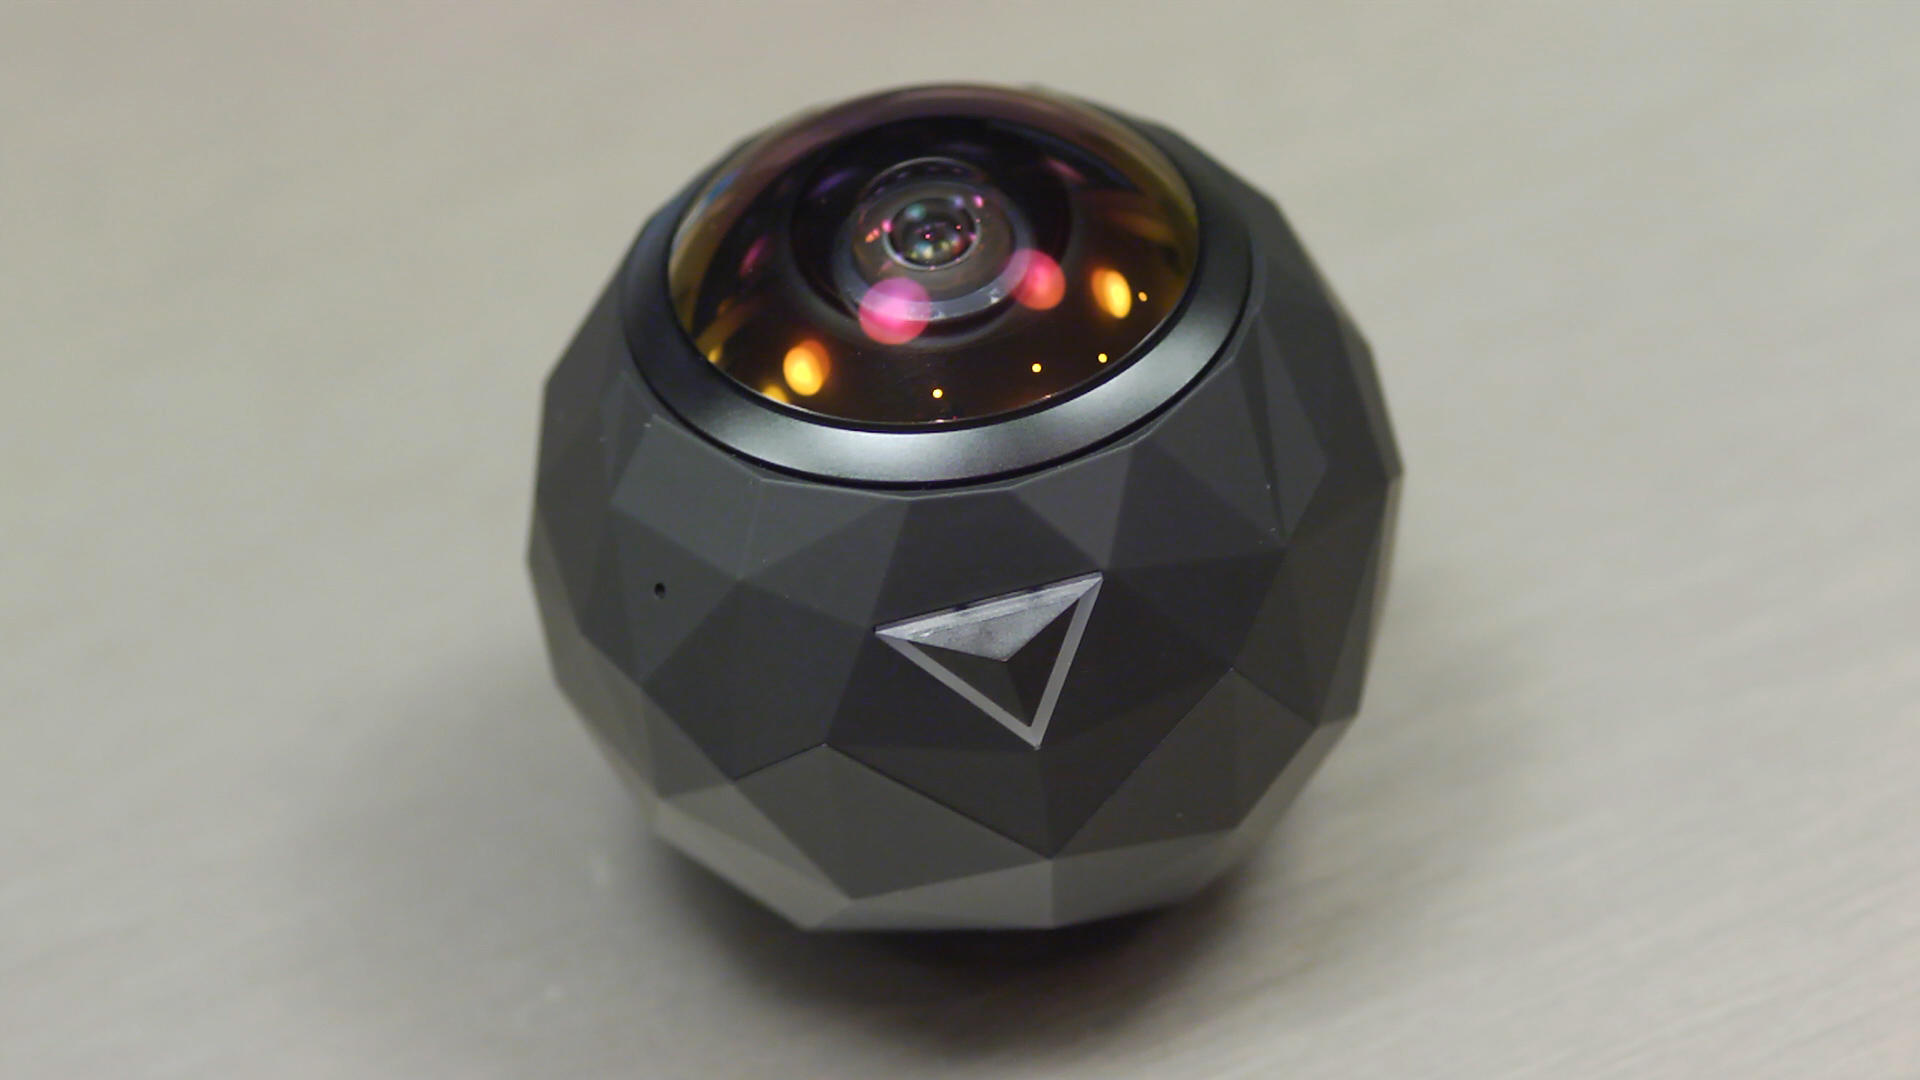 360fly 4K 360-Degree Camera